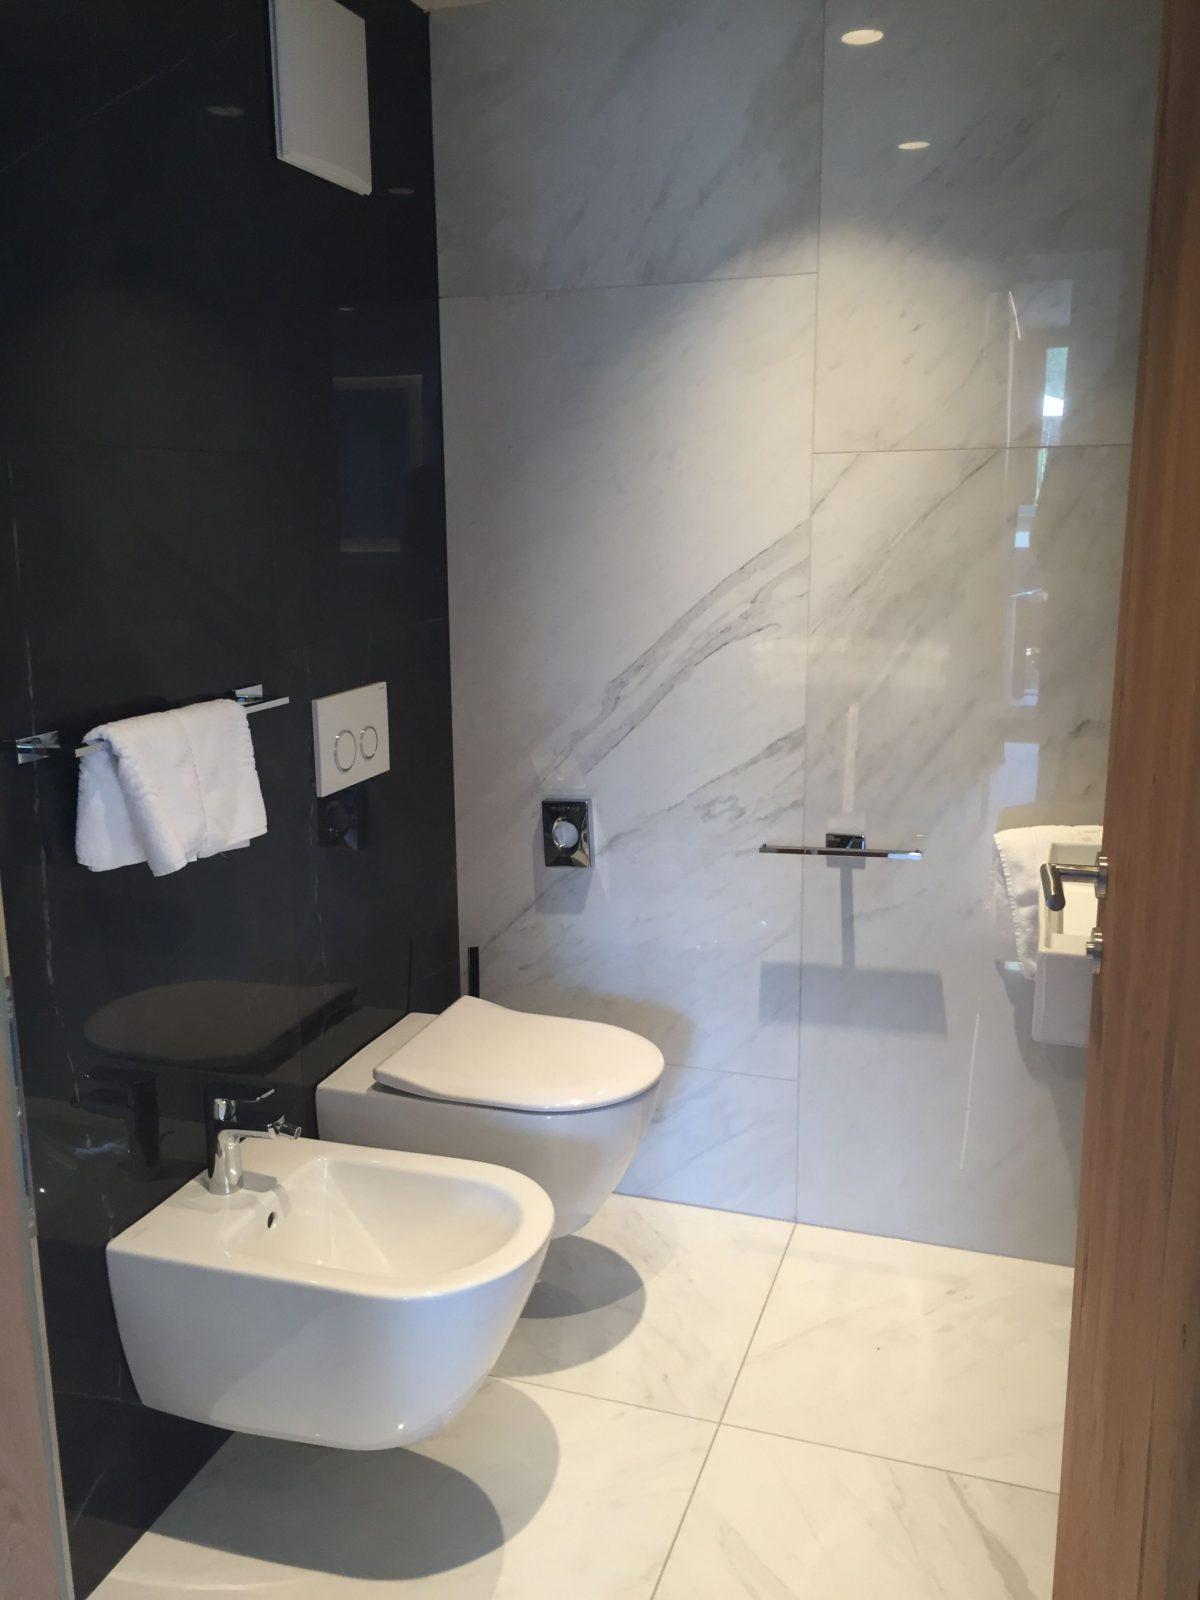 Kleines Badezimmer Mit Xxl Fliesen In Marmoroptik von Fliesen Kleines Badezimmer Ideen Photo